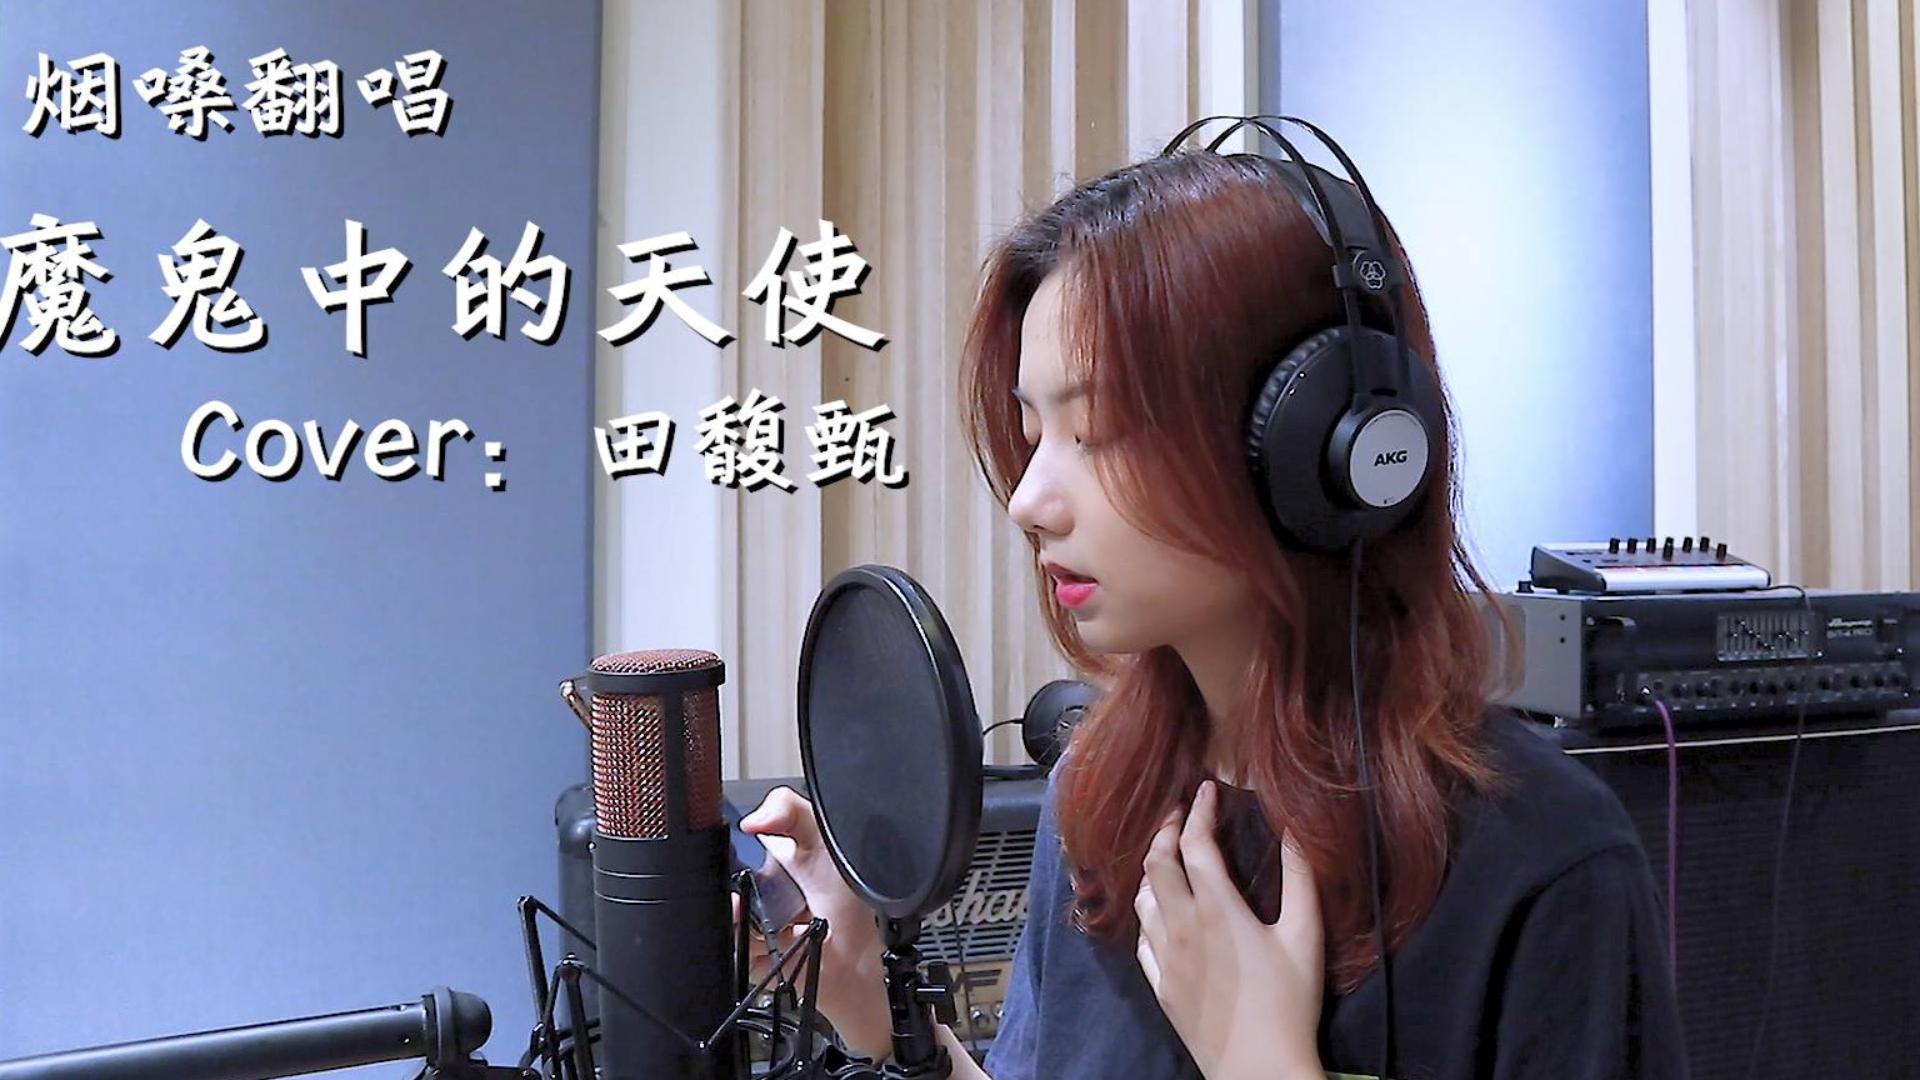 【邓园长】烟嗓翻唱-魔鬼中的天使 Cover :田馥甄